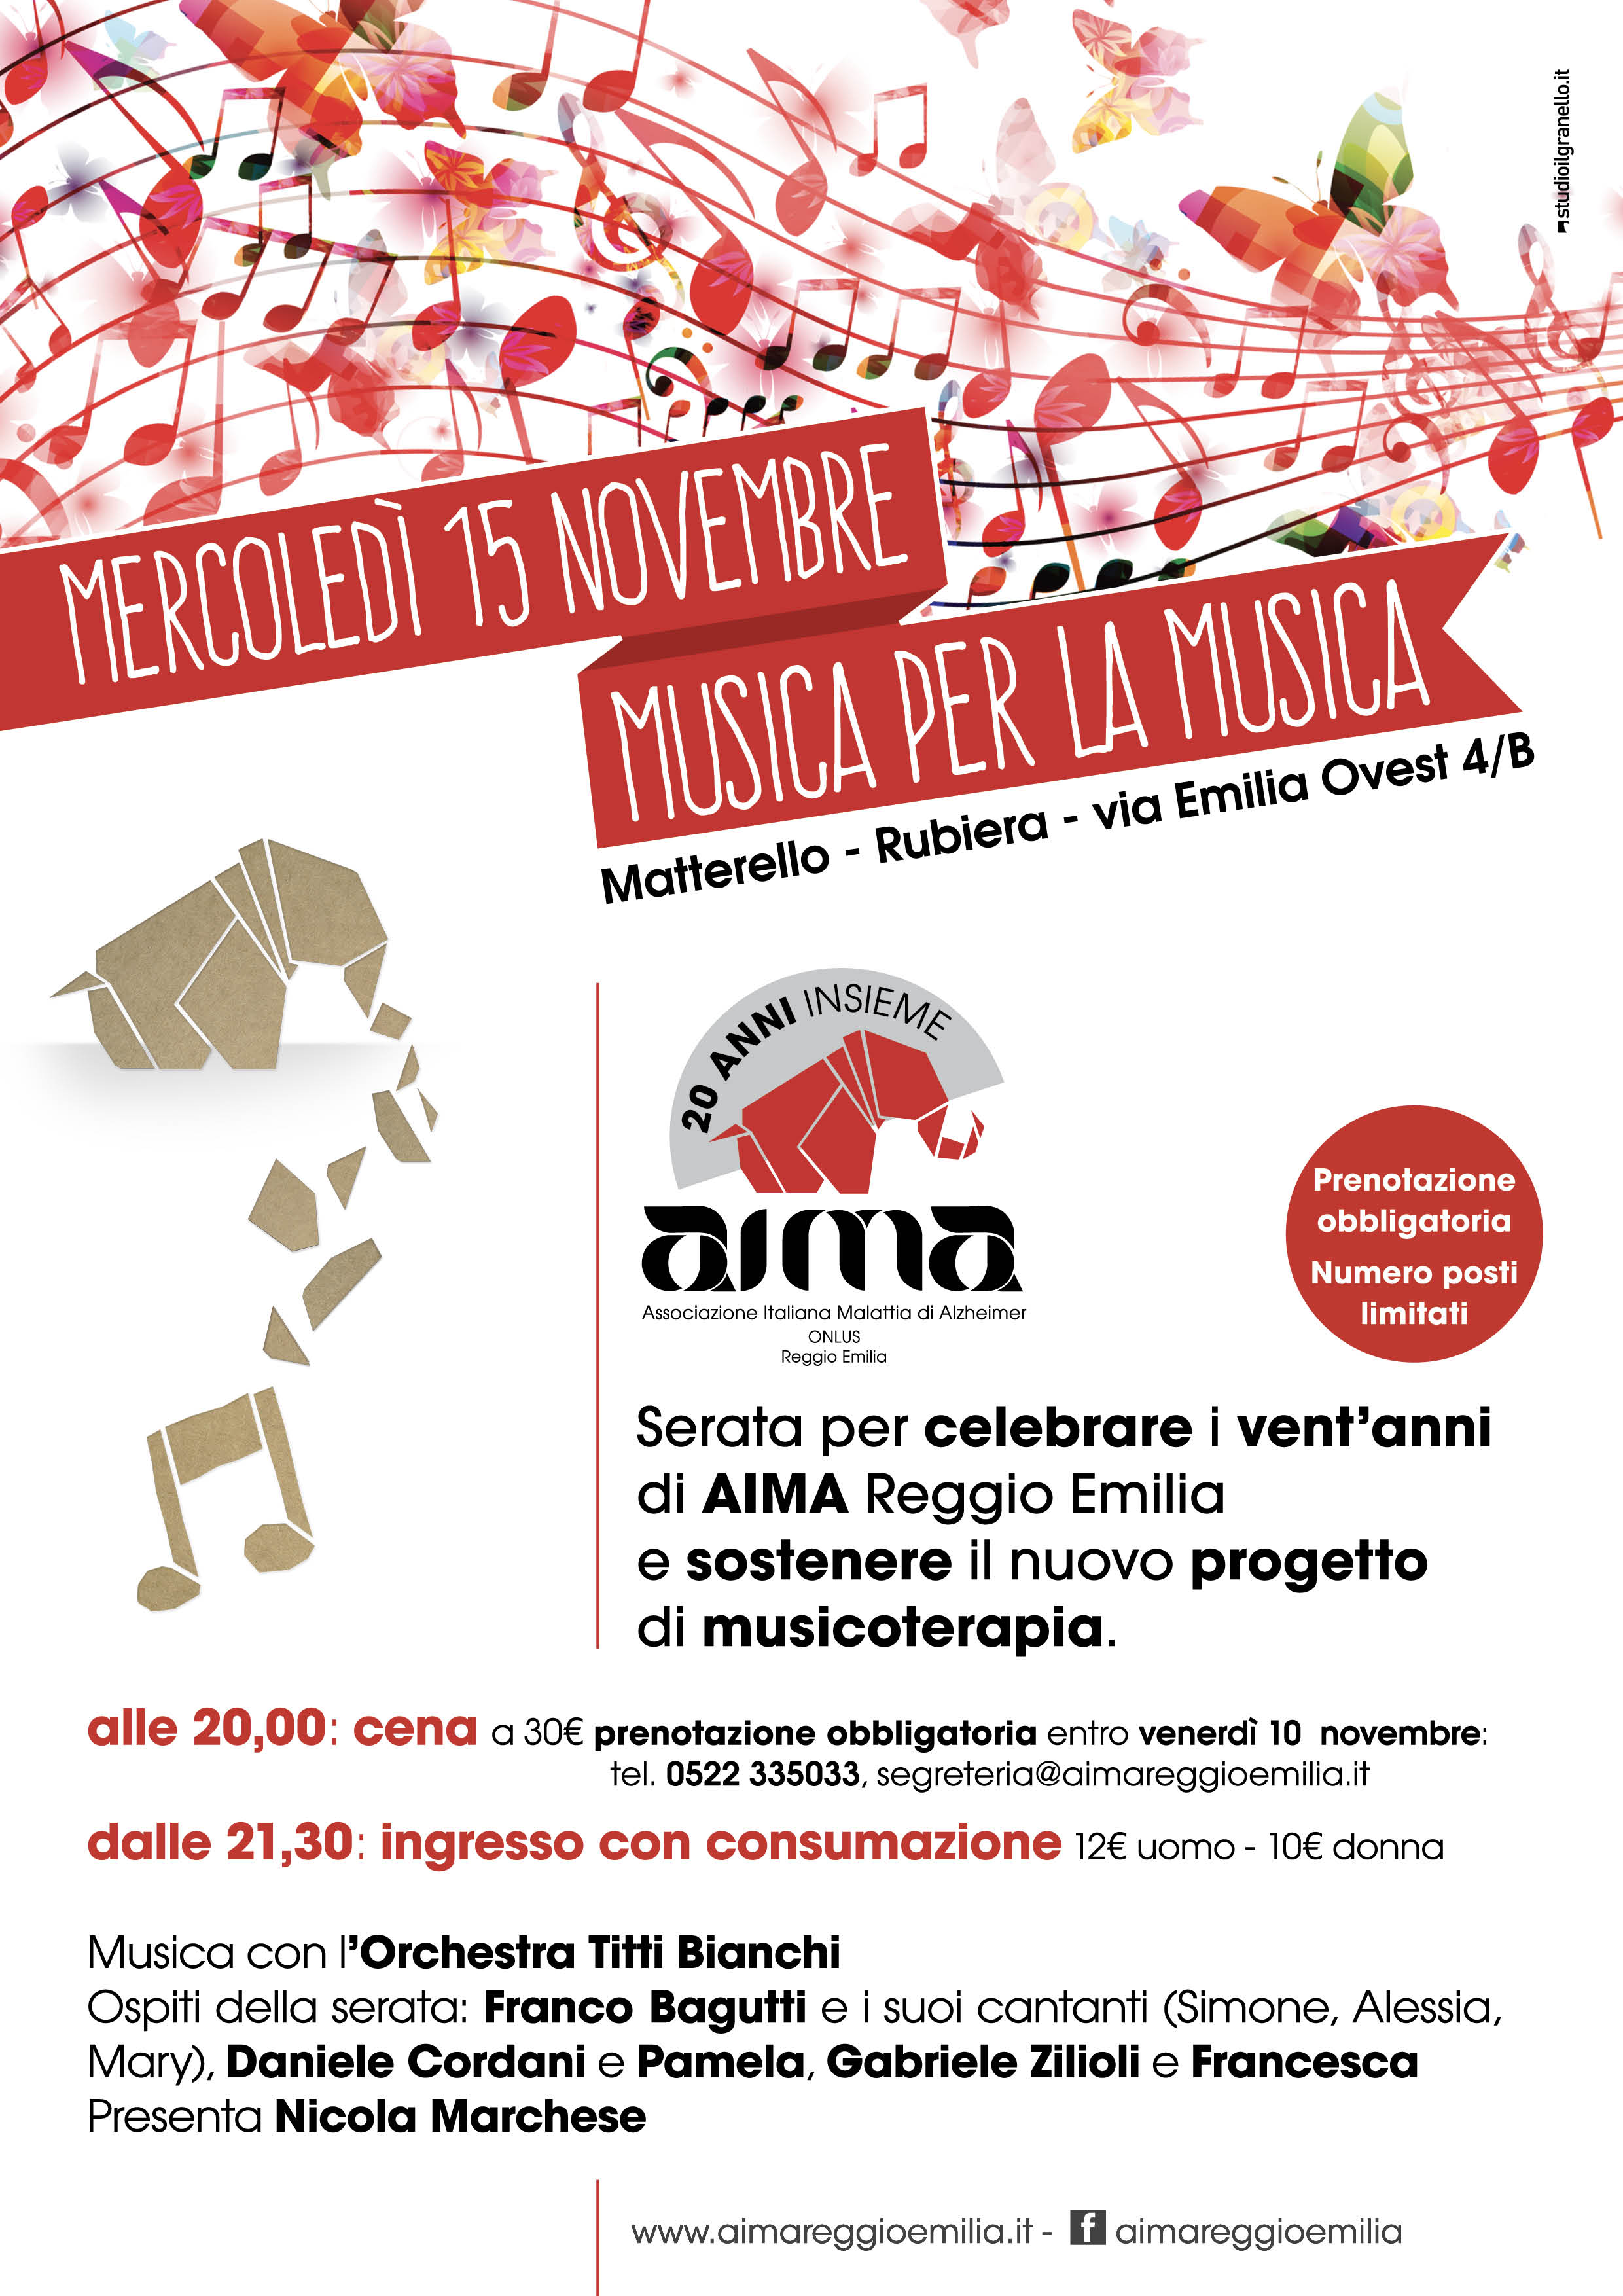 Titti Bianchi Calendario.Musica Per La Musicoterapia Per I 20 Anni Di Aima Al Matterello